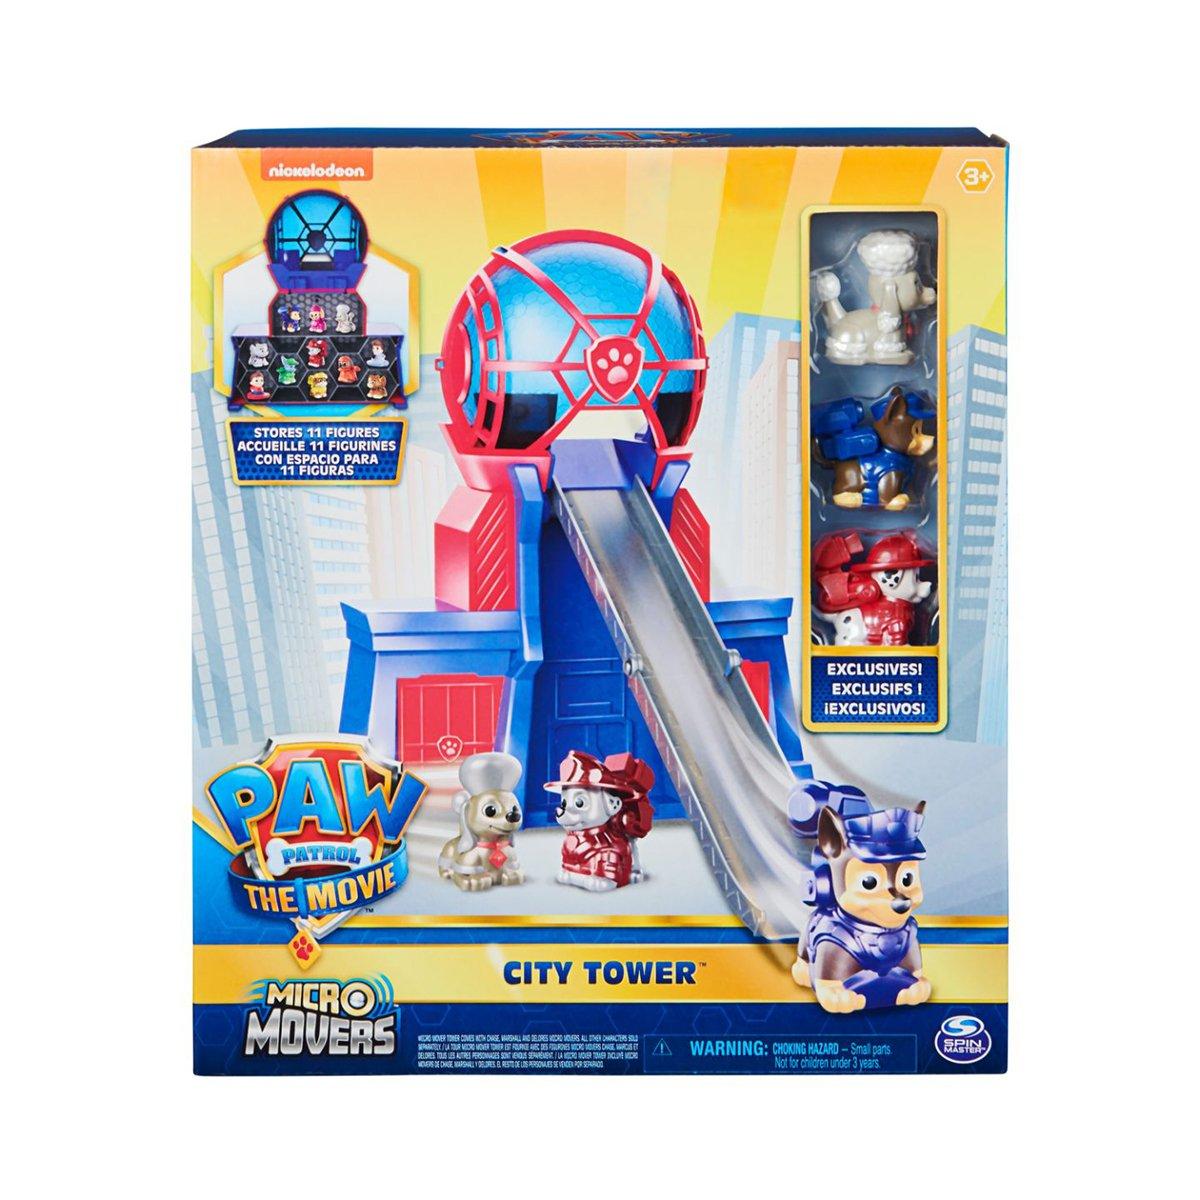 Set de joaca, Paw Patrol, turnul de comanda cu micro figurine